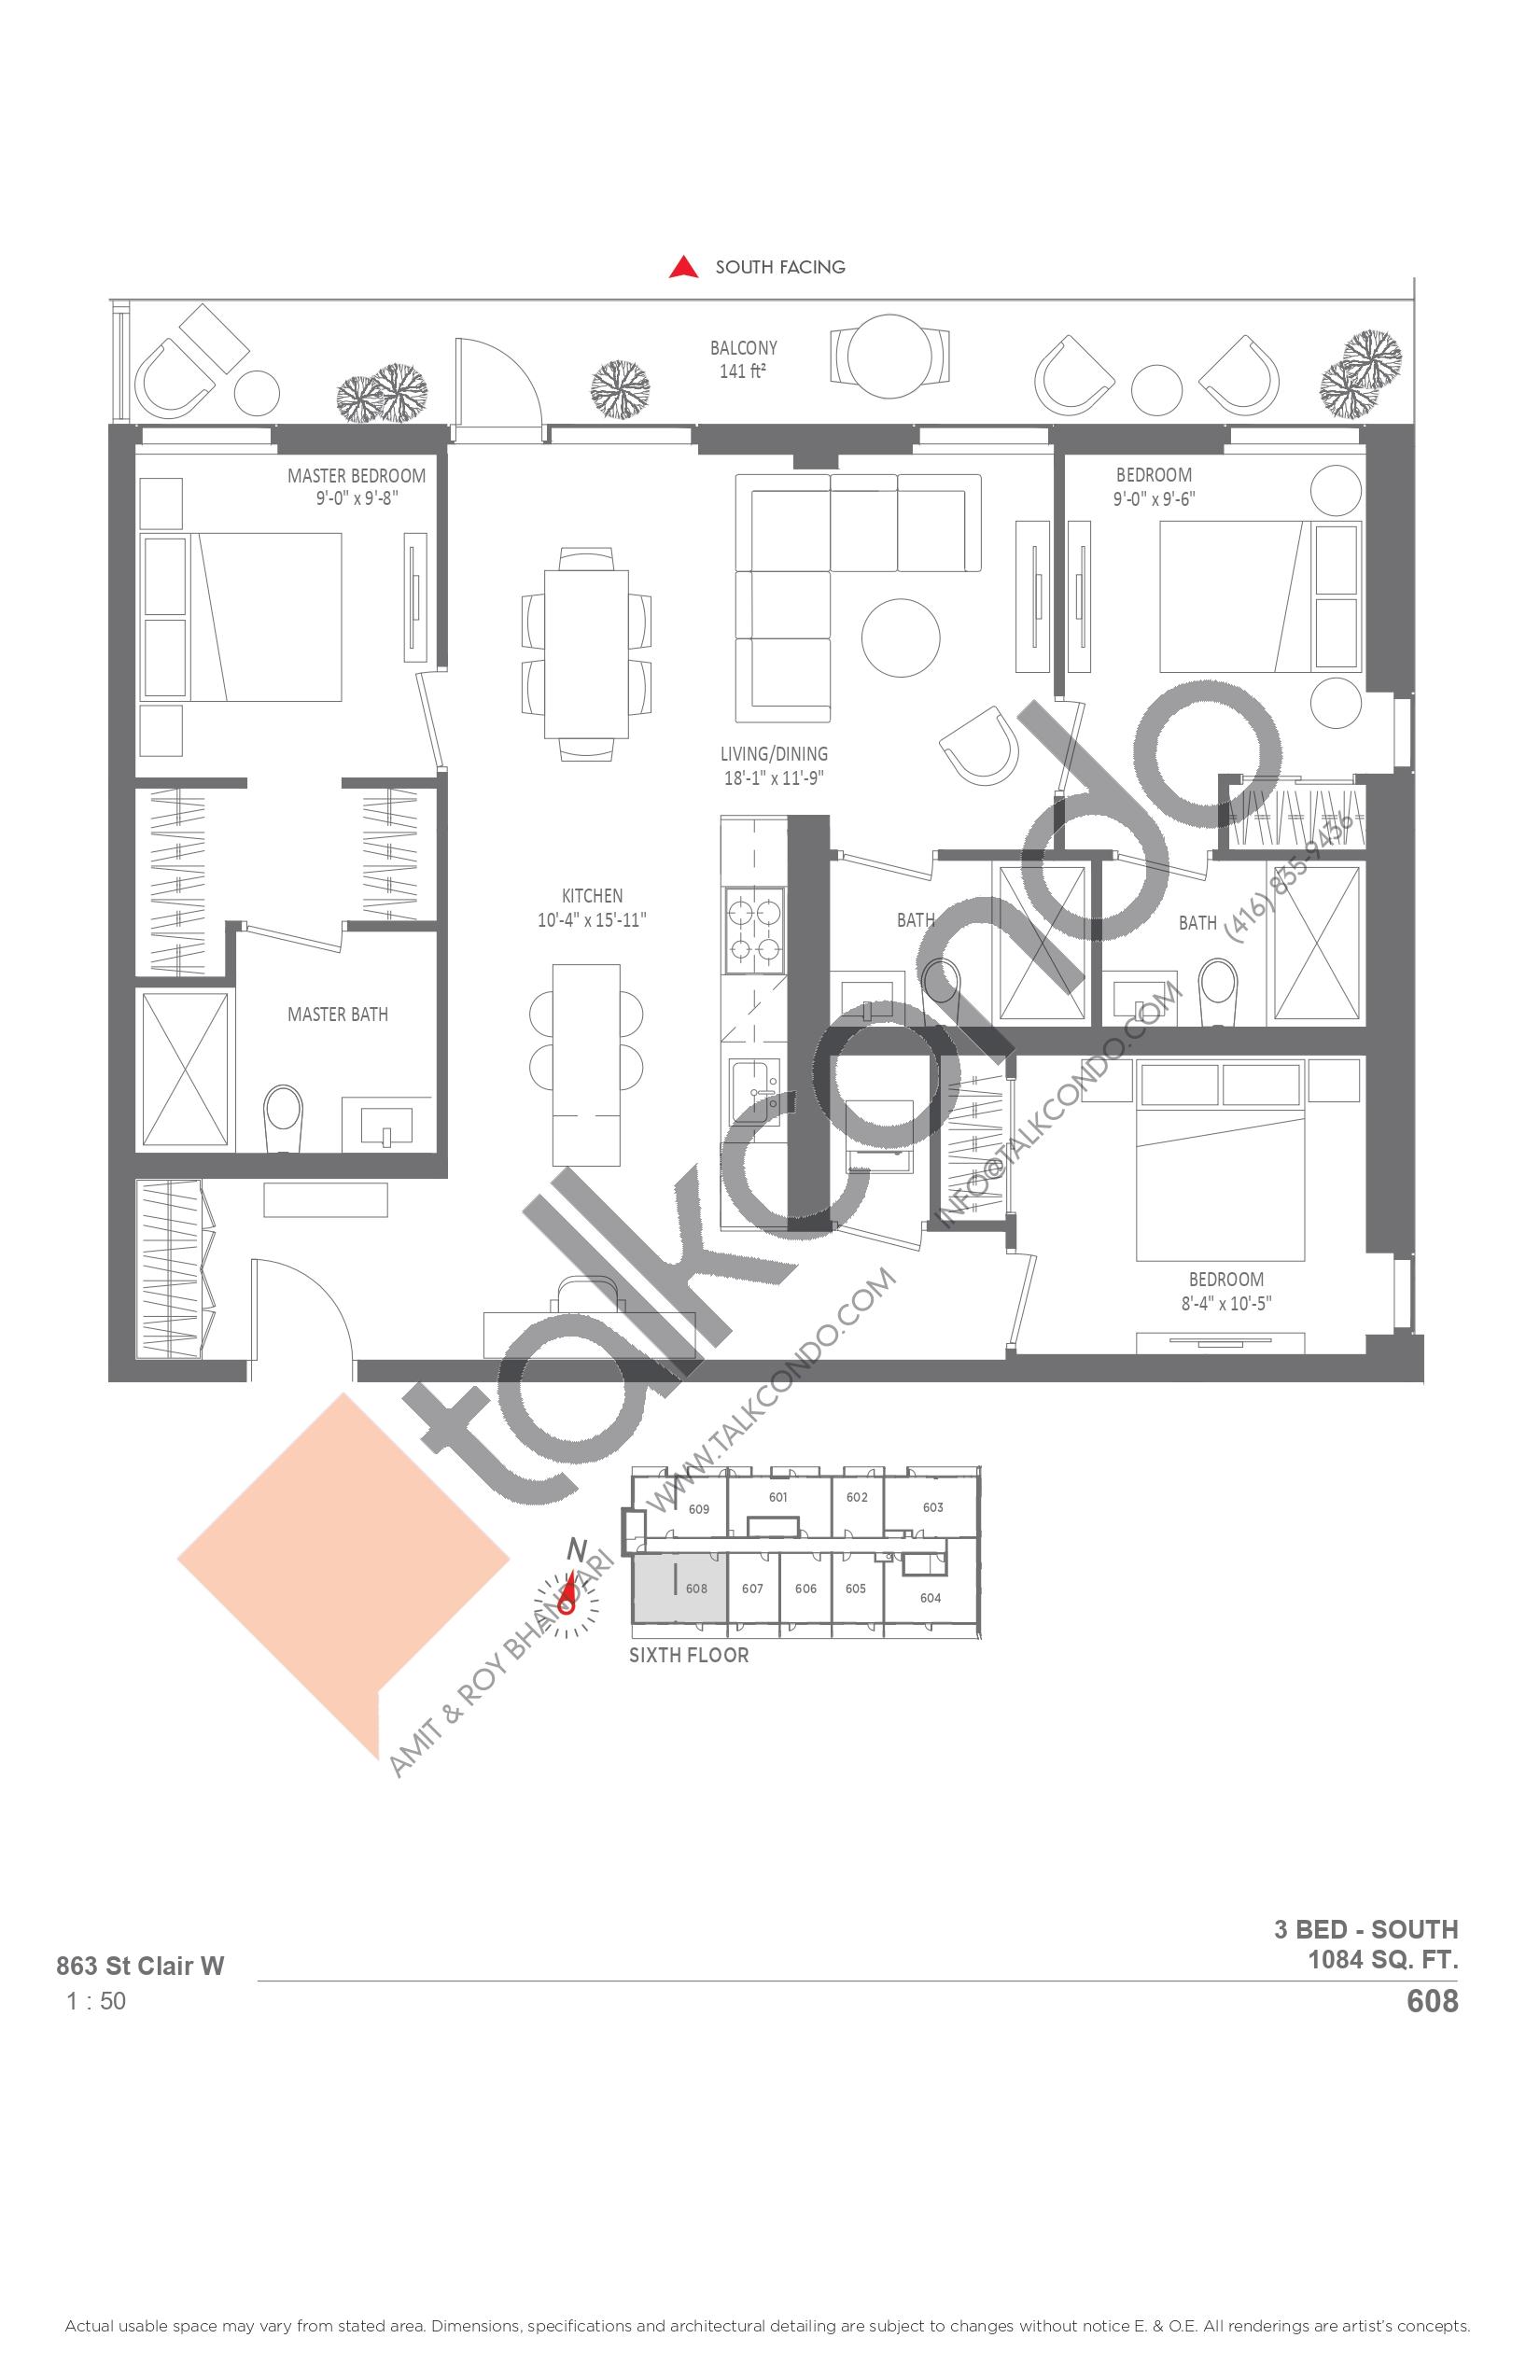 608 Floor Plan at Monza Condos - 1084 sq.ft